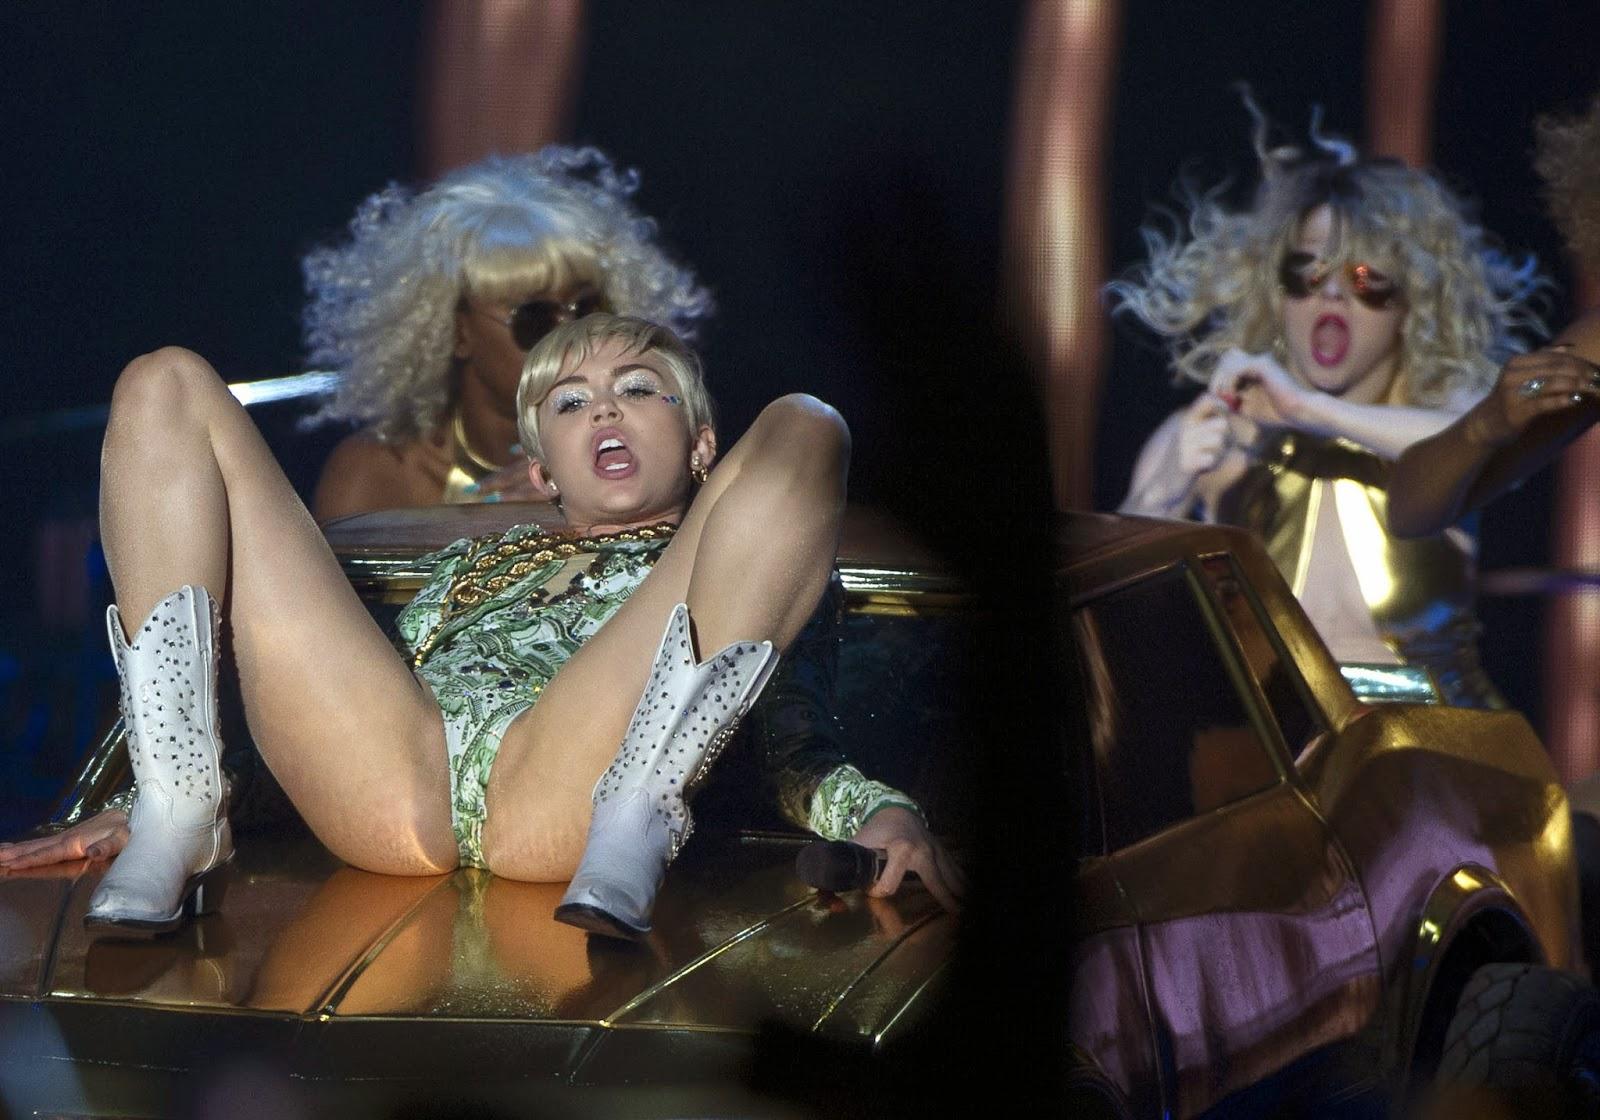 Miley cyrus coups de chatte